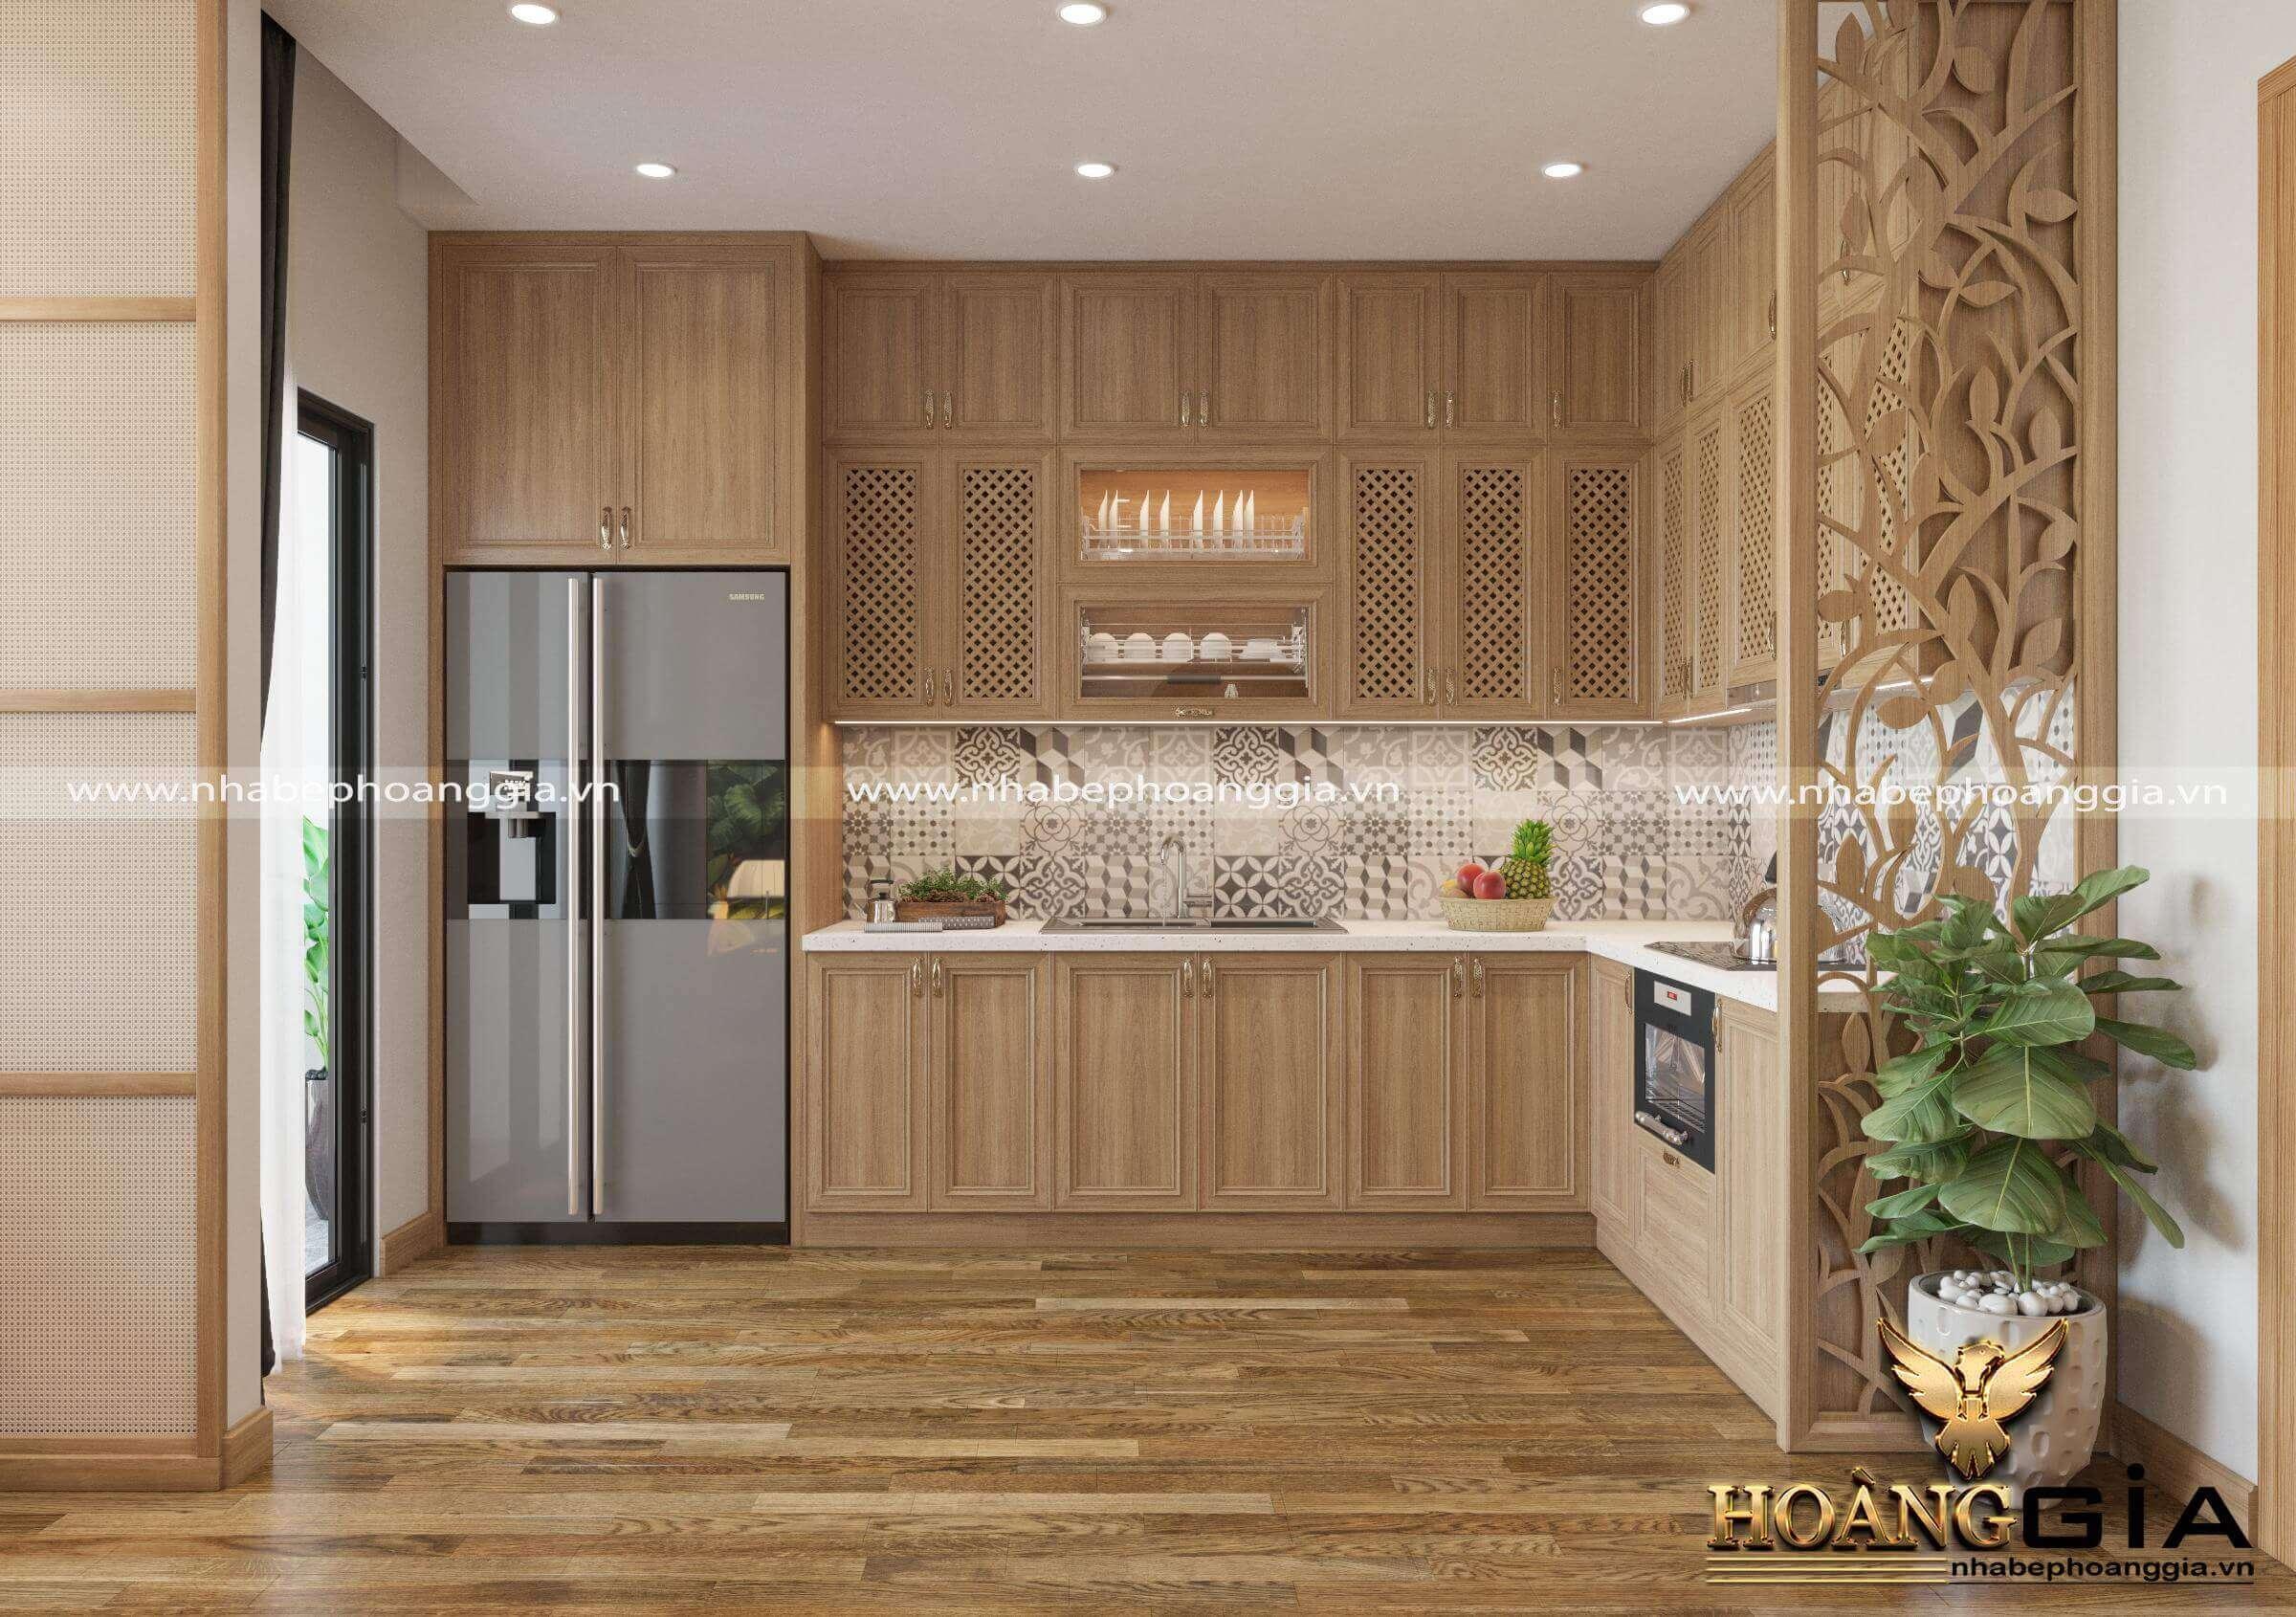 thiết kế nhà bếp chung cư